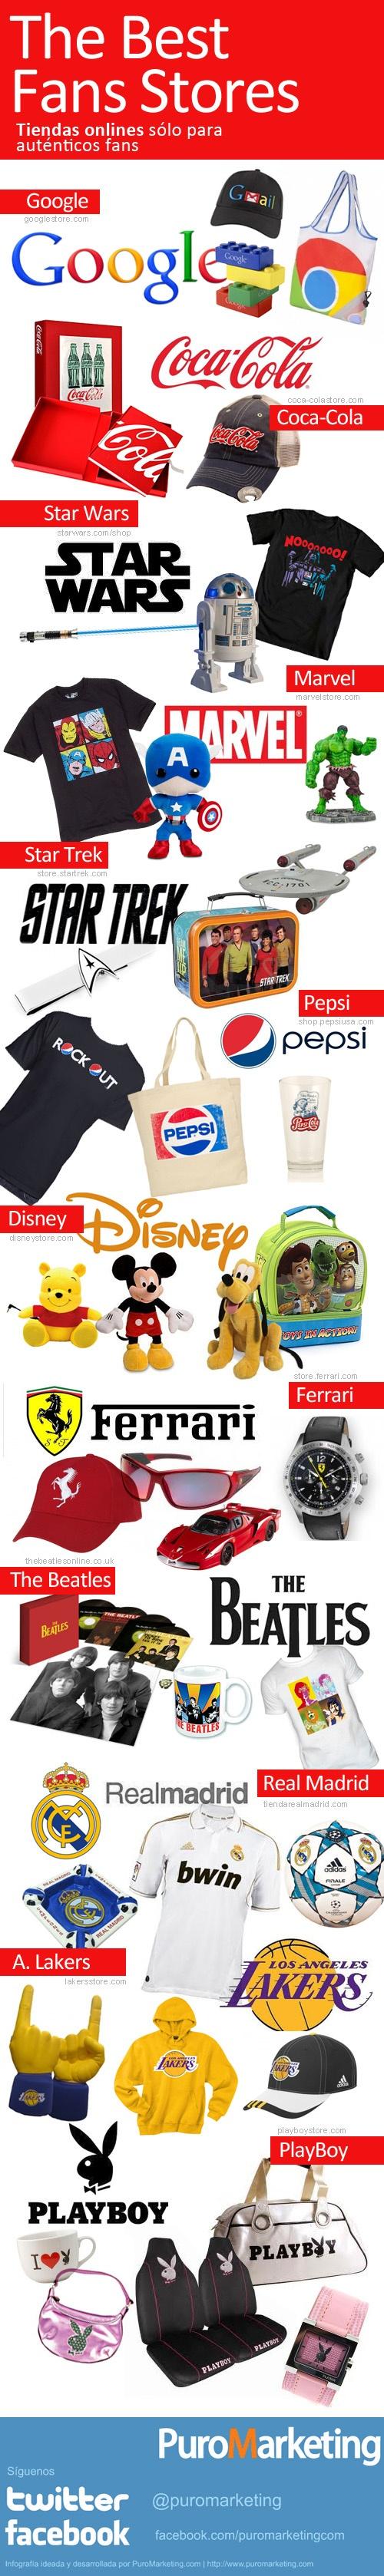 Tiendas online para autenticos fans de marcas... by #puromarketing por @jagtomas